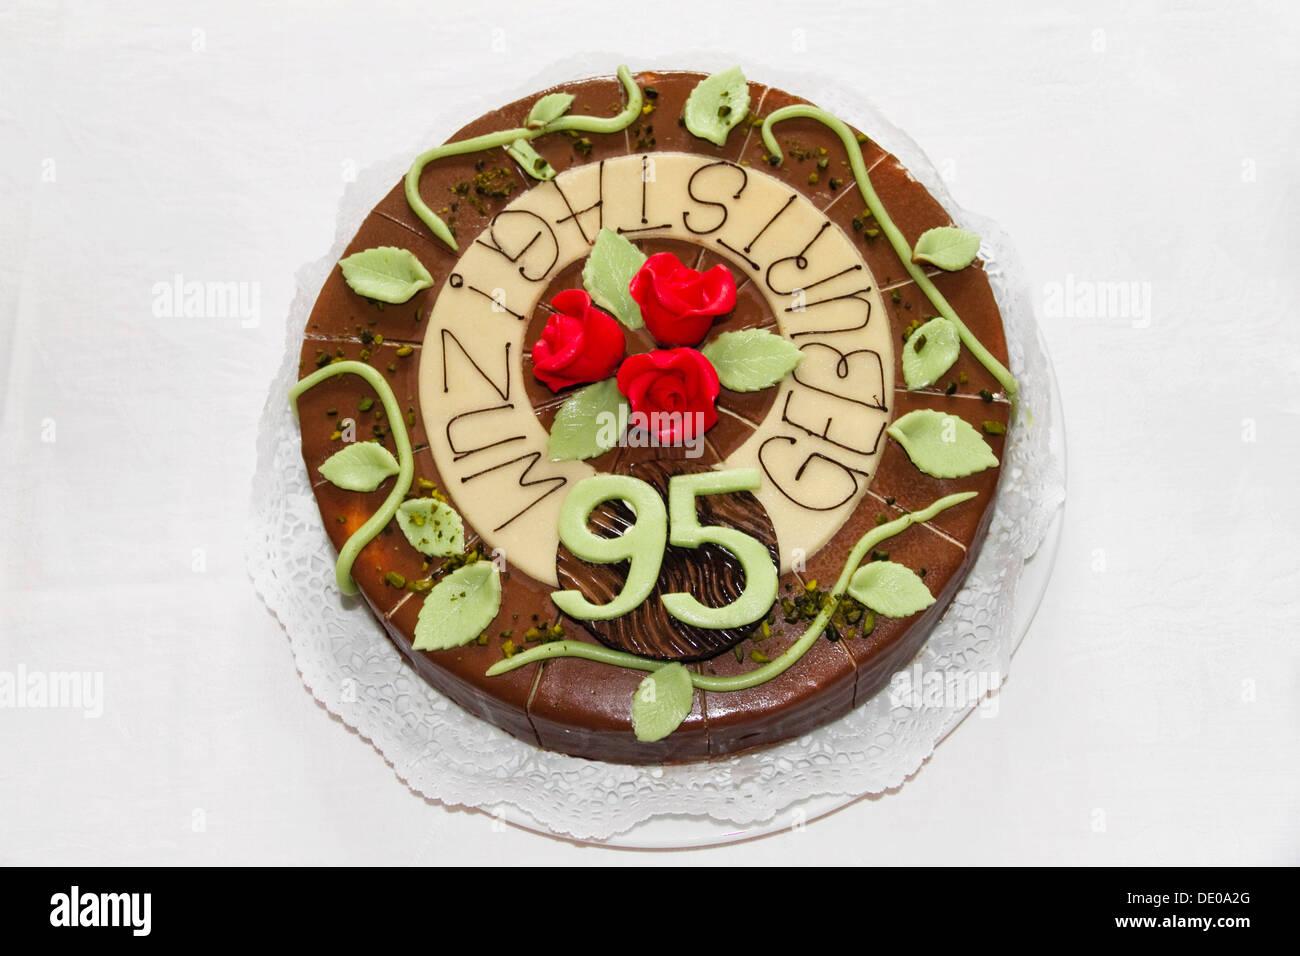 German Birthday Cake Stock Photos German Birthday Cake Stock